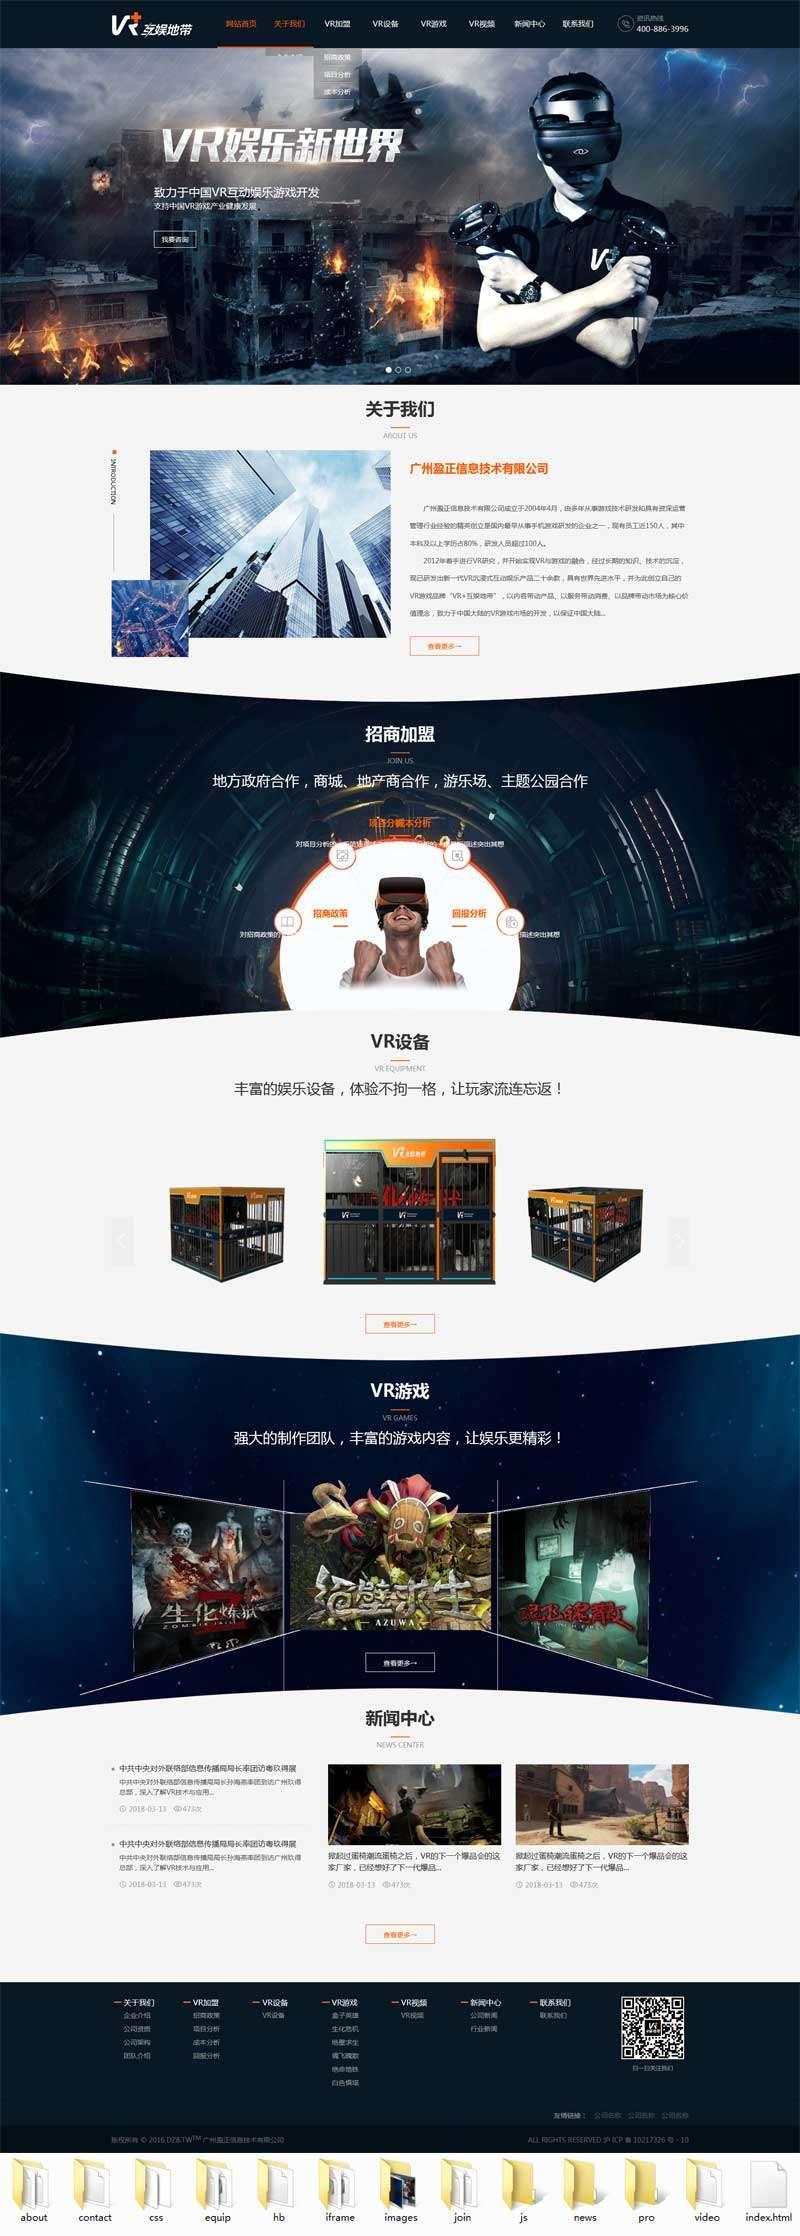 大气的VR娱乐游戏开发企业官网html模板